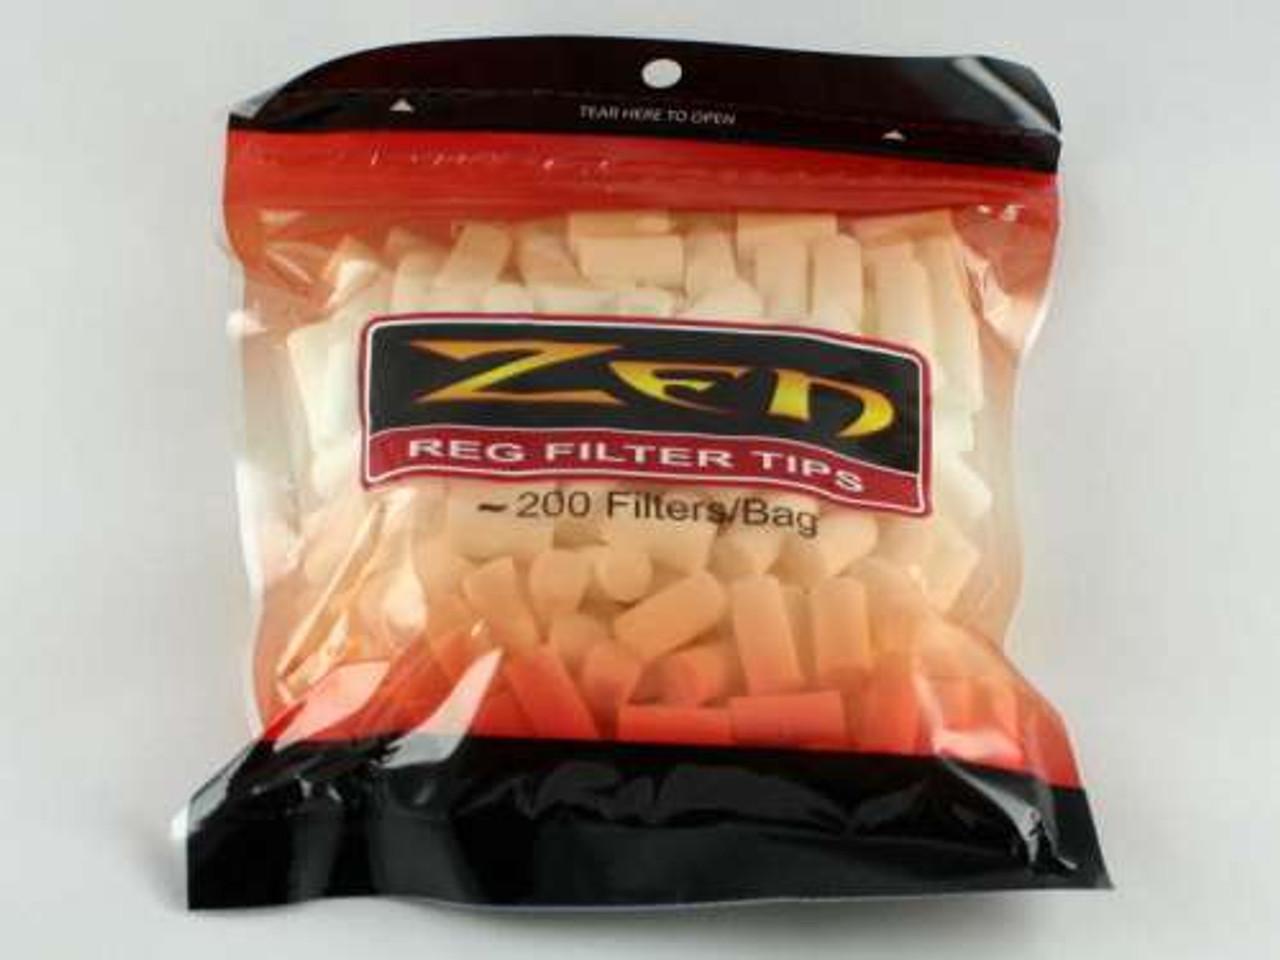 Zen Regular Cigarette Filter Tips